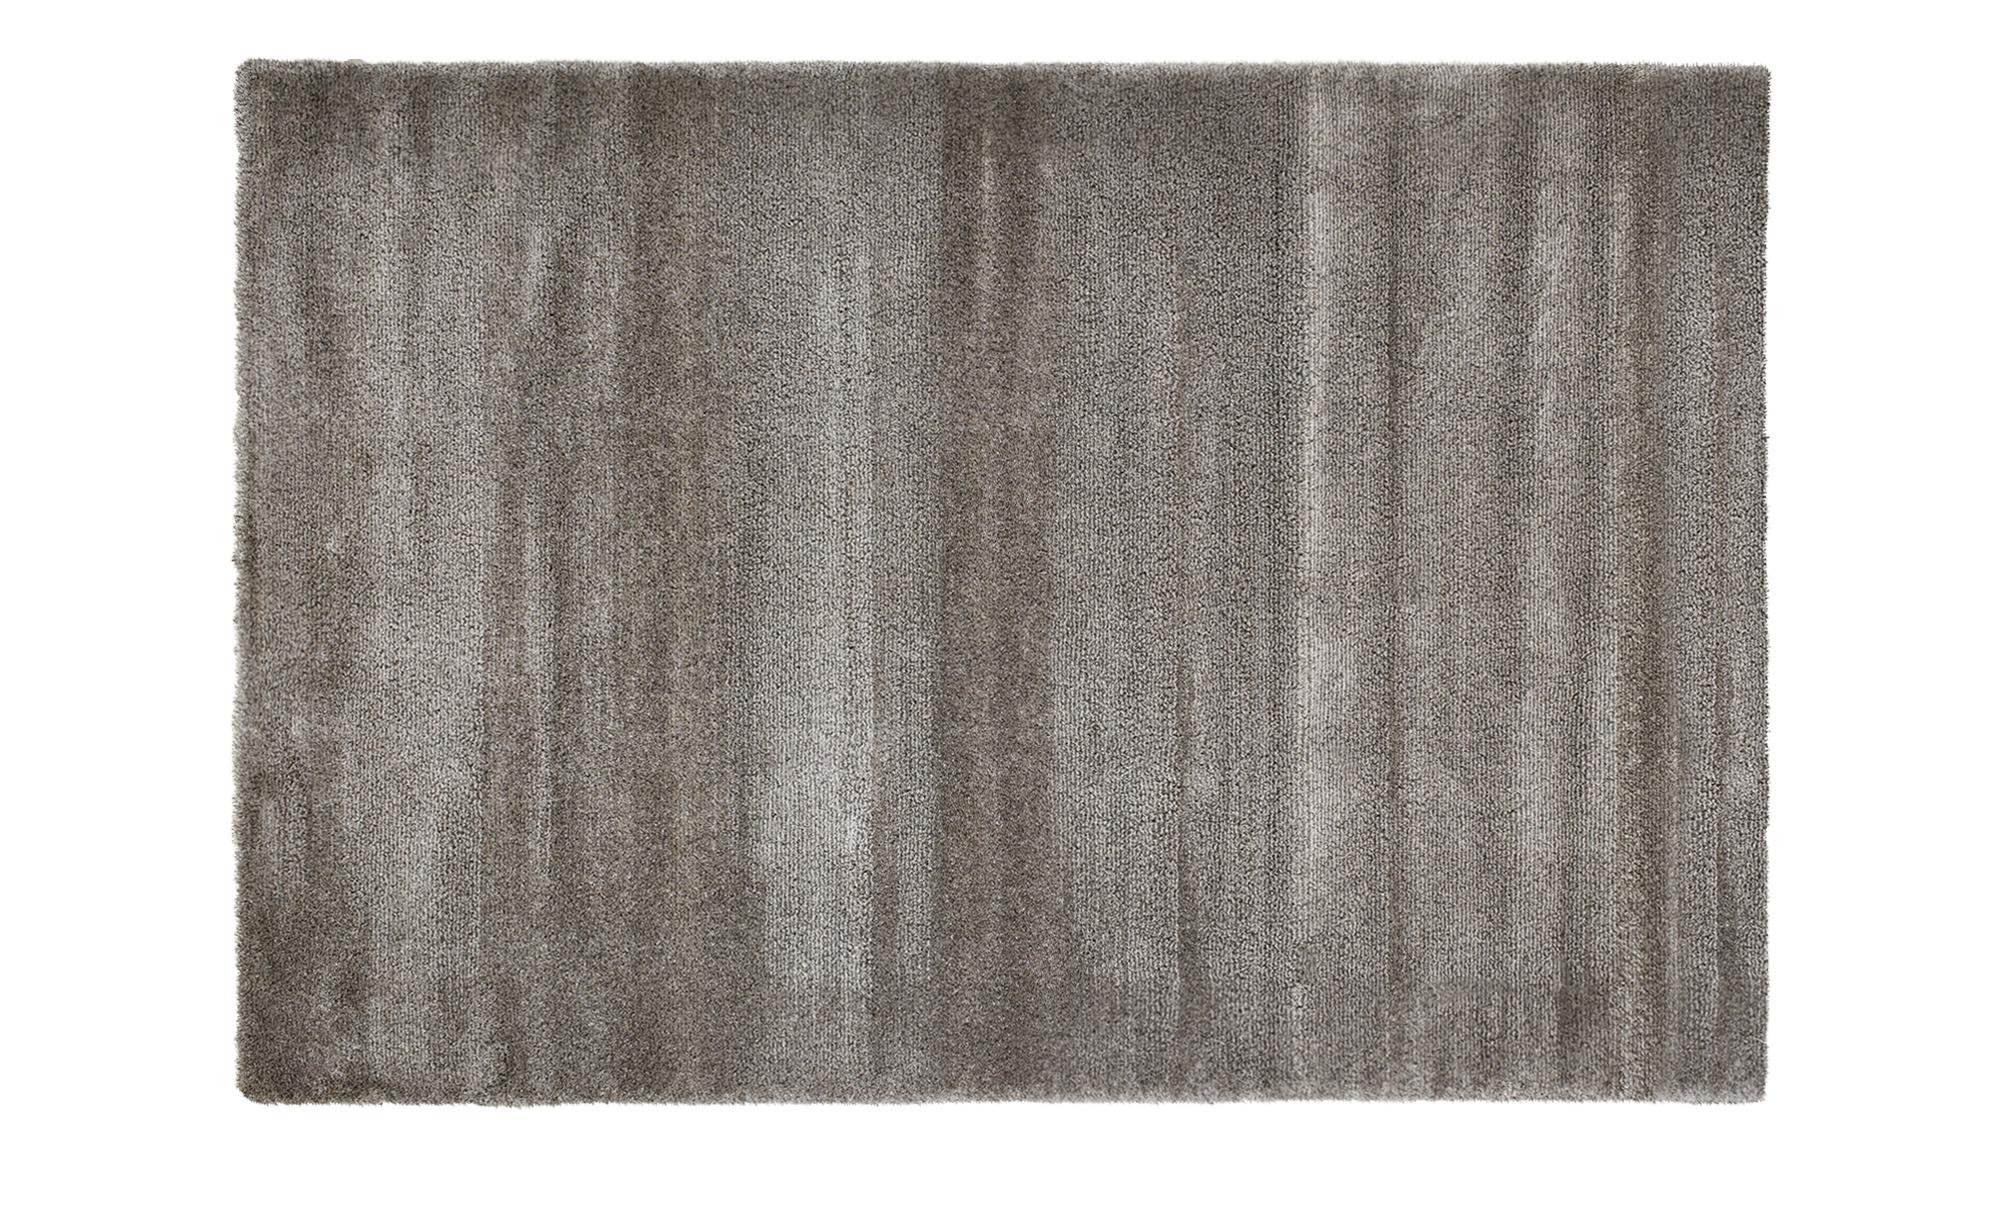 #Hochflorteppich  Cavour ¦ Synthethische Fasern, 60% Polyester, 40% Polypropylen   ¦ Maße (cm): B: 80 Teppiche > Wohnteppiche > Hochflorteppiche – Höffner#